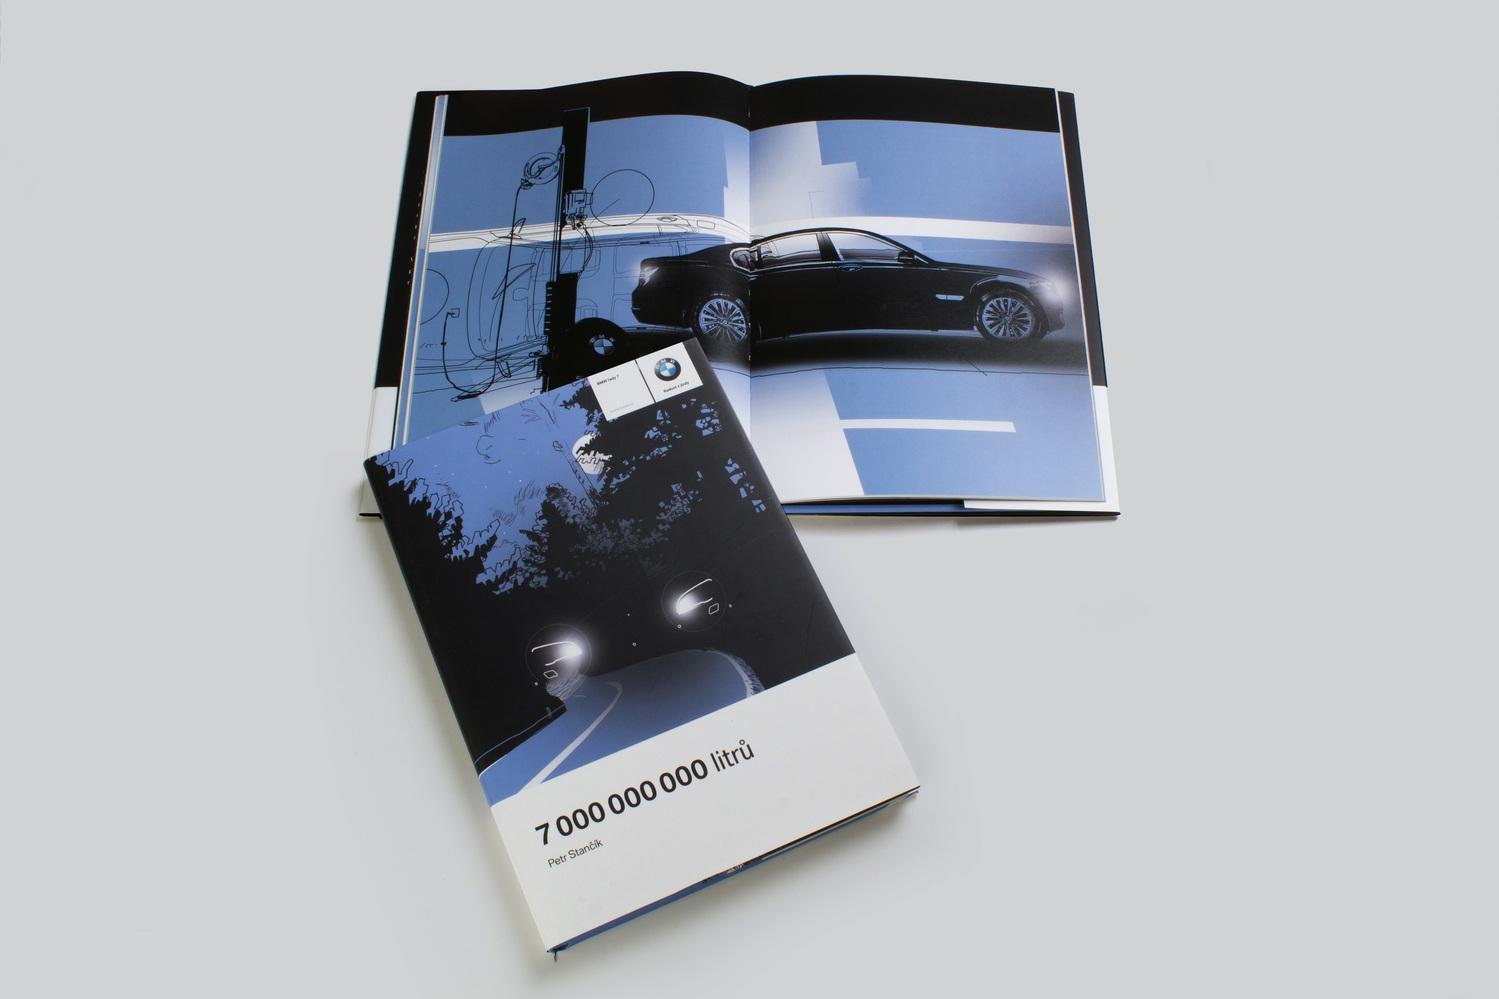 PERSONALIZOVANÉ KNIHY jakoPOZVÁNKA NA VYZKOUŠENÍ NOVÉHO BMW 7 - Před začátkem kampaně jsme vyrobili 1.000 kusů pro 1.000 pozvaných zákazníků. Majitelé starších BMW obdrželi knihu s jejich jménem a příjmením v detektivním příběhu. Jejich jméno je na přebalu, potahu a na vnitřních stranách knížky.